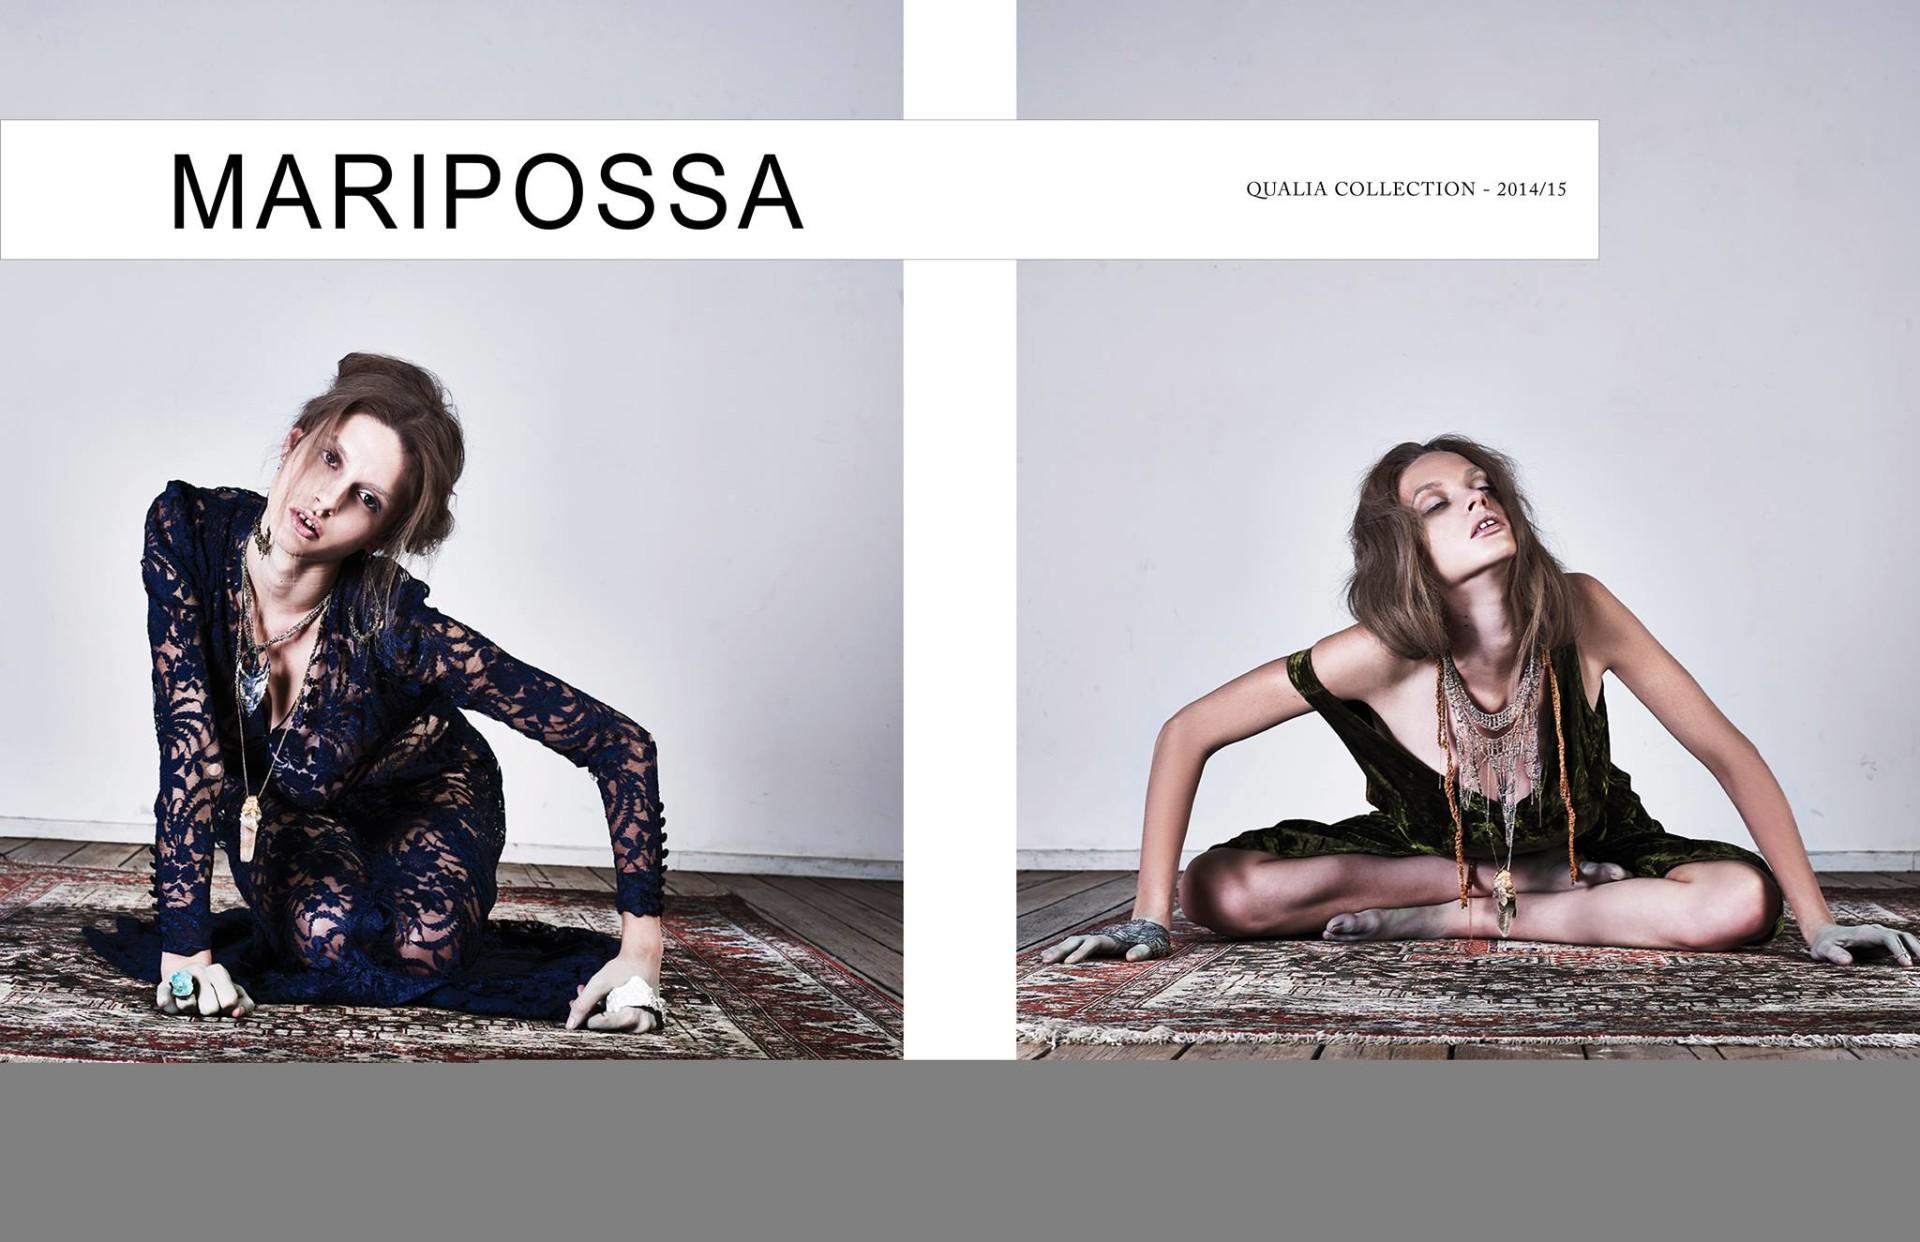 Maripossa Campaign